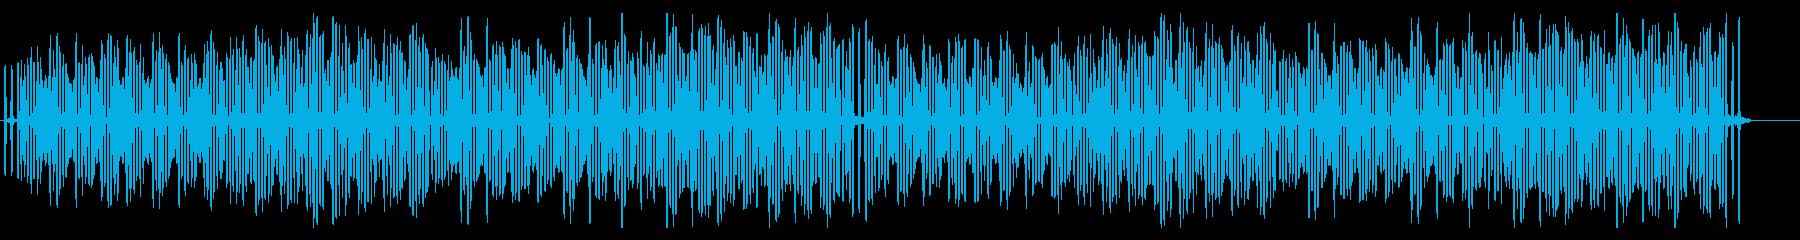 コミカルで軽快・明るく楽しいシンプルな曲の再生済みの波形